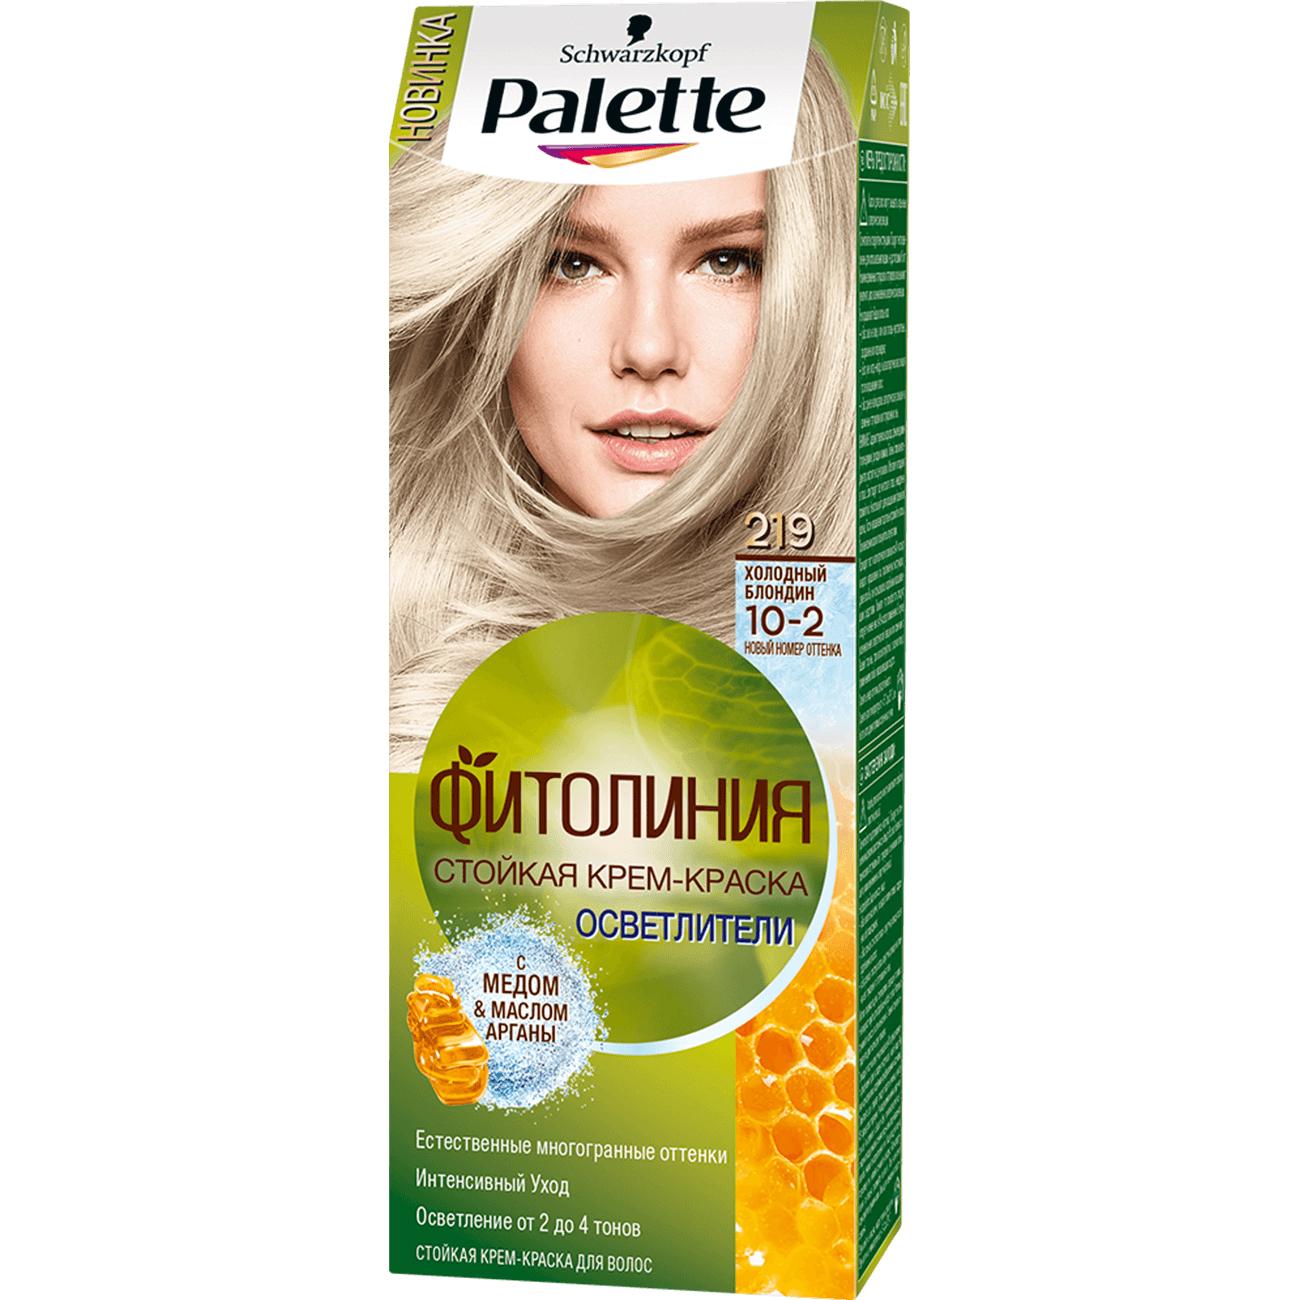 Крем-краска для волос Palette Фитолиния 10-2, 219 Холодный блондин 110 мл фото